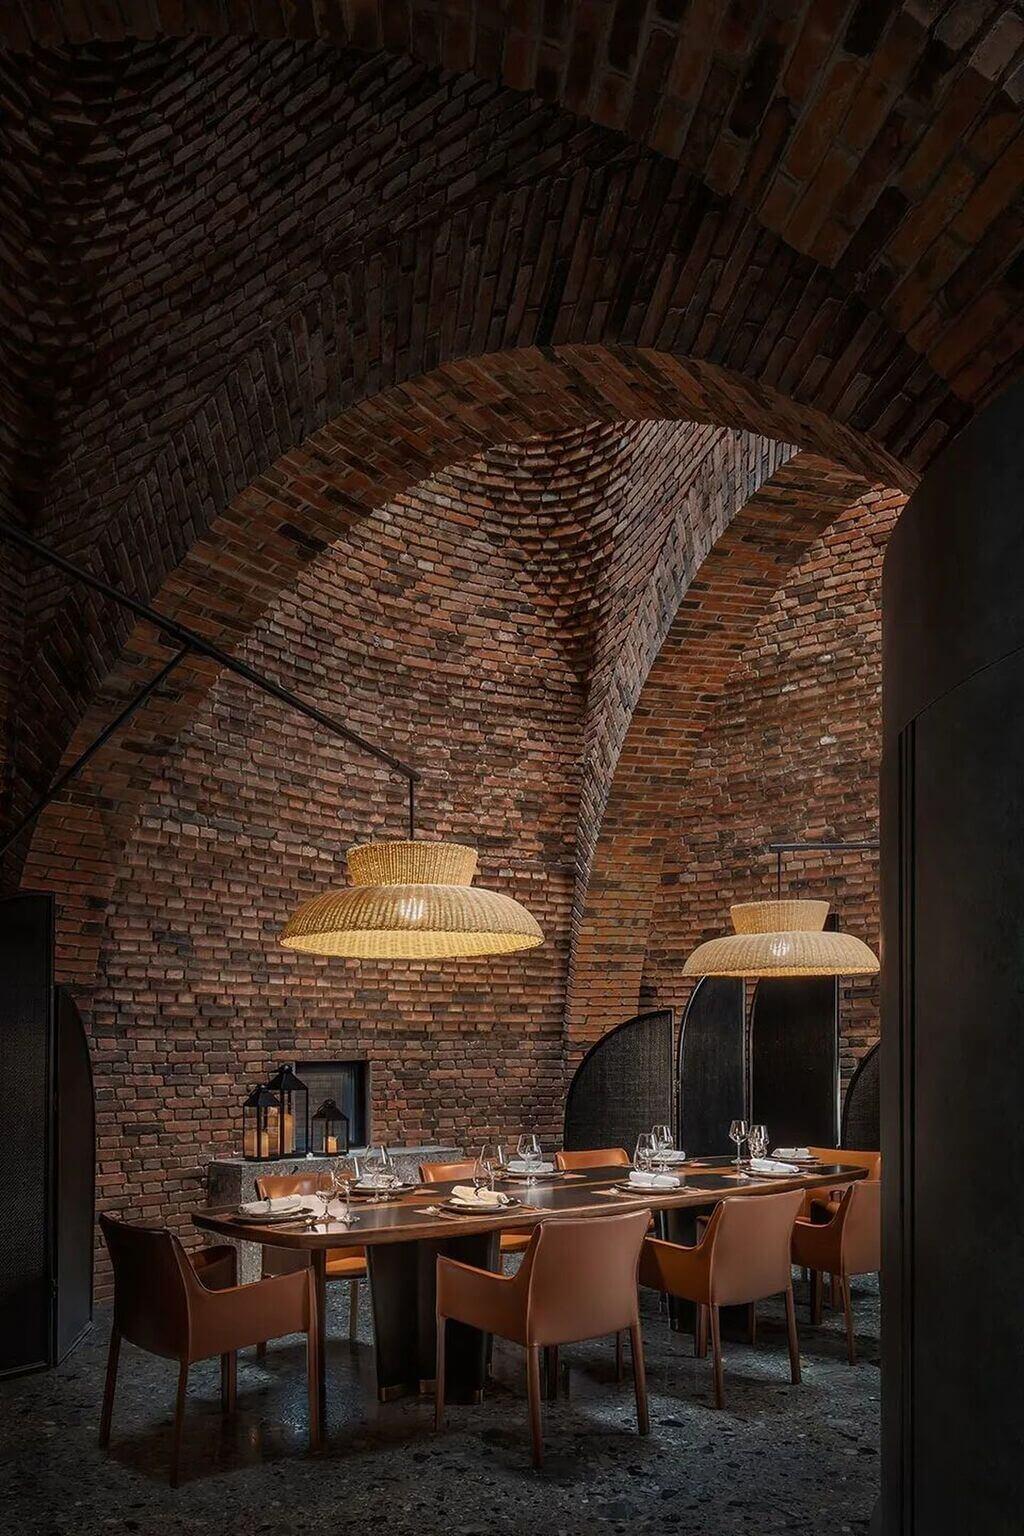 Cheng Chung Design restaurant